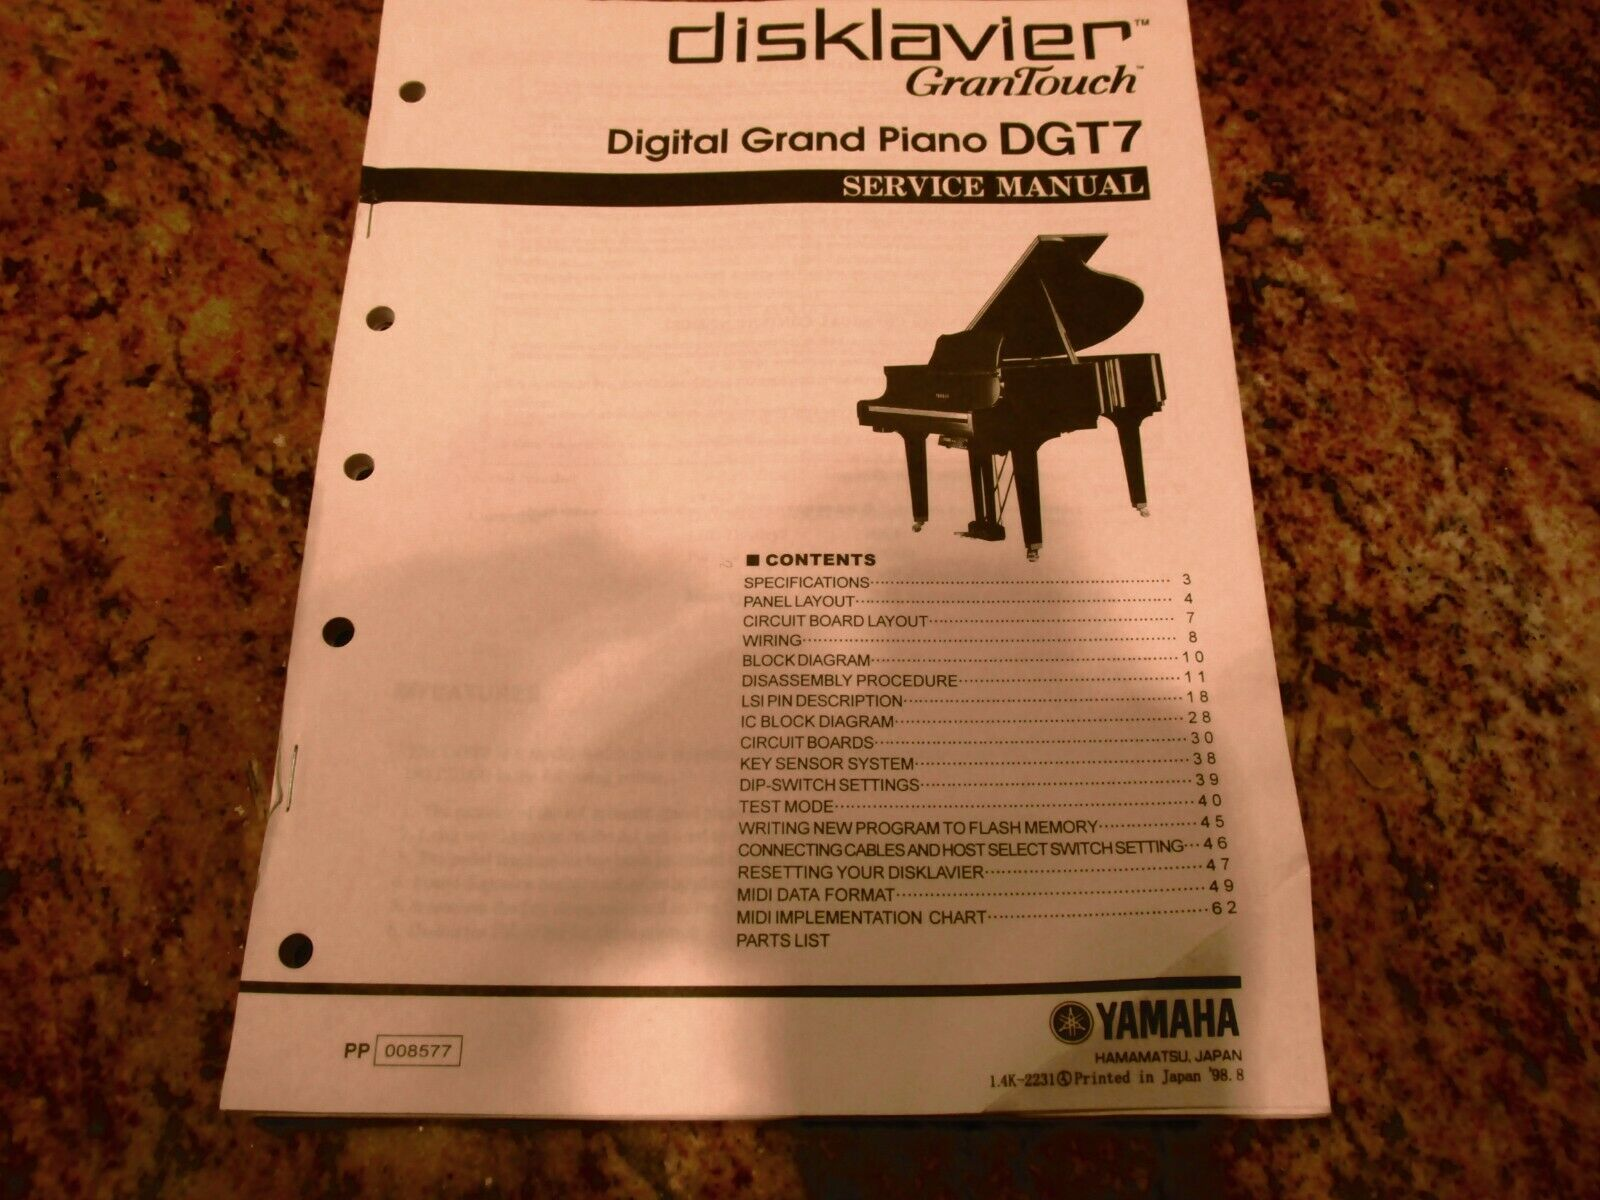 Yamaha DGT7 Disklavier Service Manual - $25.00